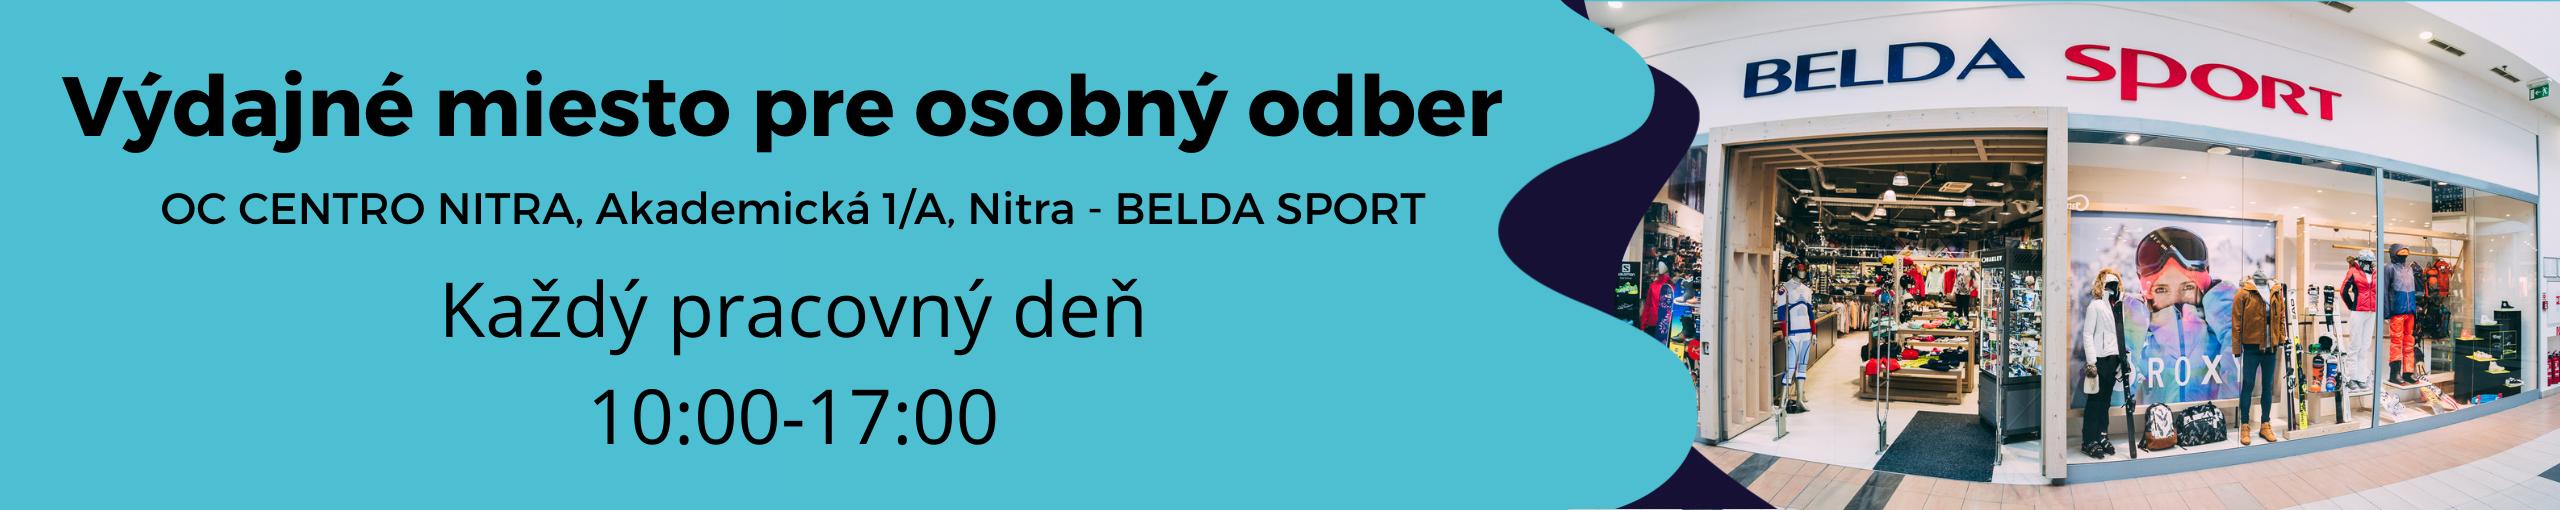 výdajné miesto Belda Sport